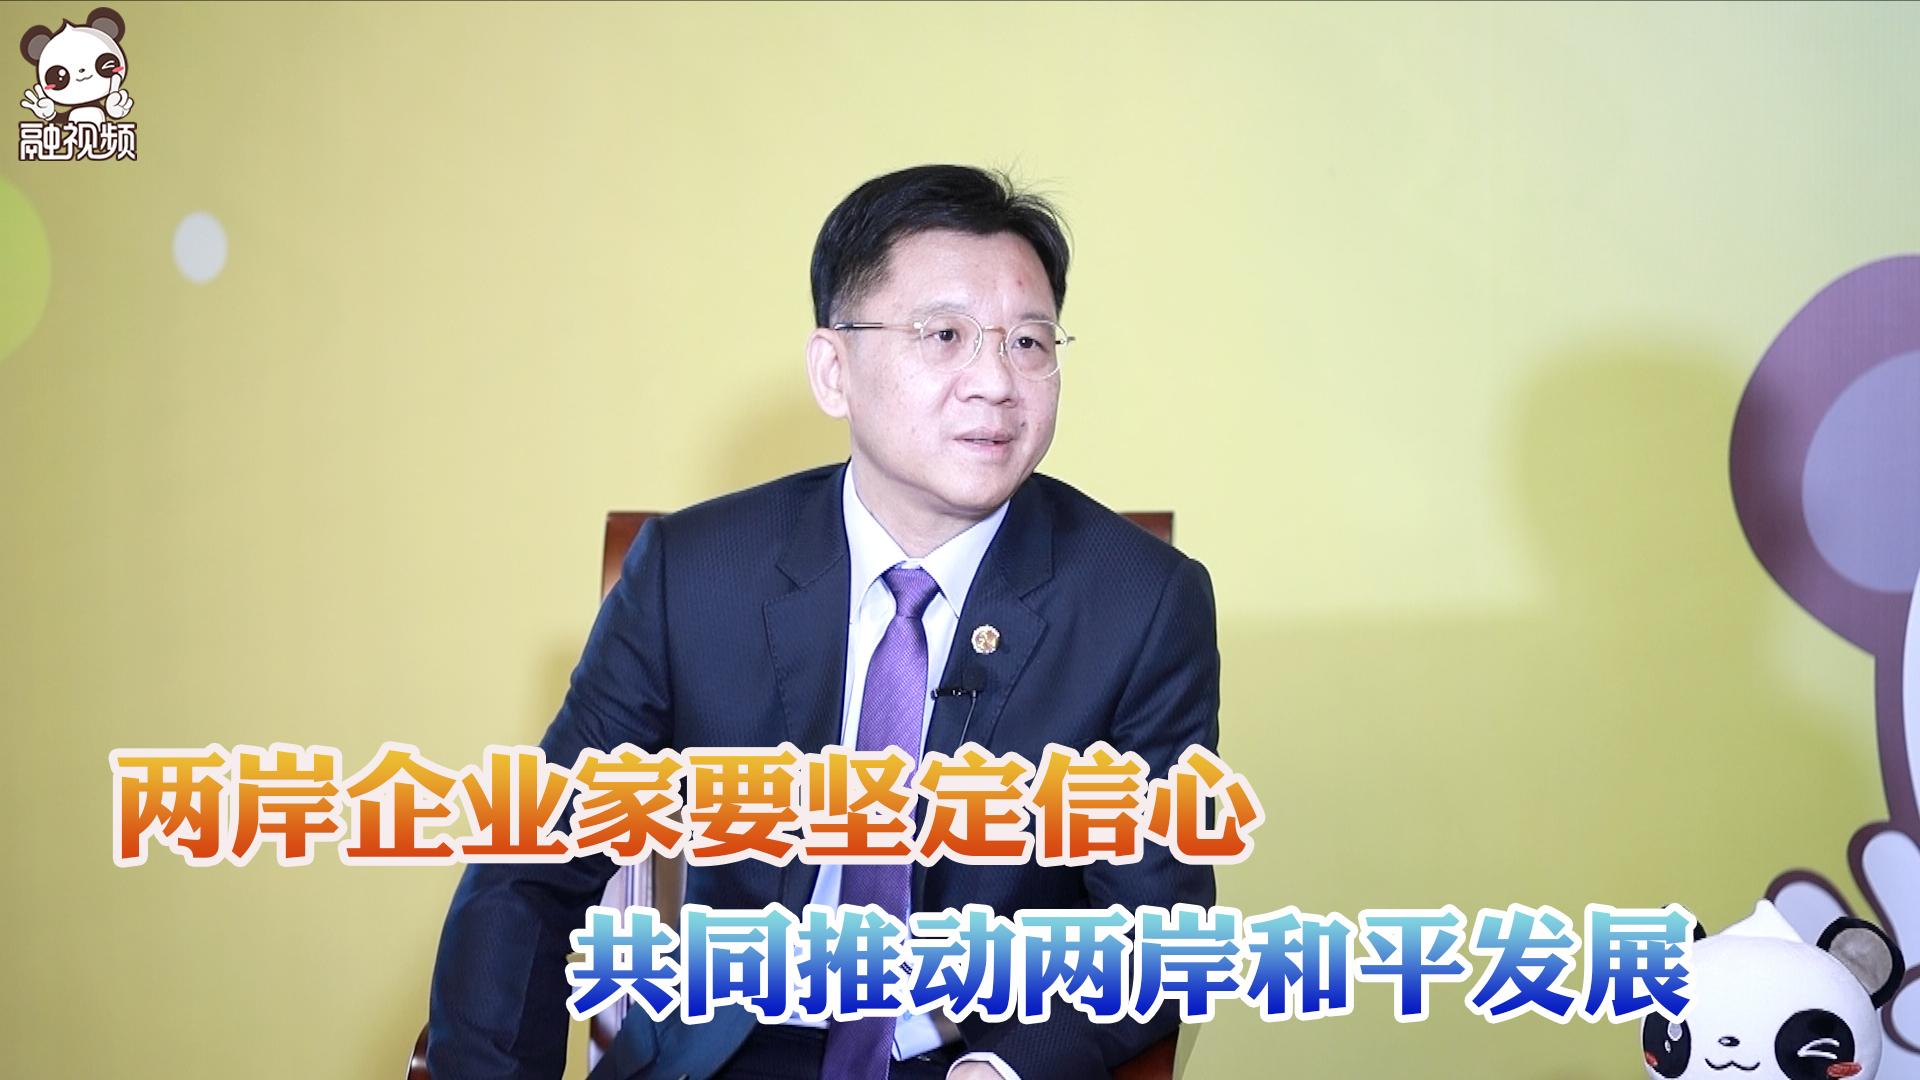 李政宏:两岸企业家要坚定信心 共同推动两岸和平发展图片